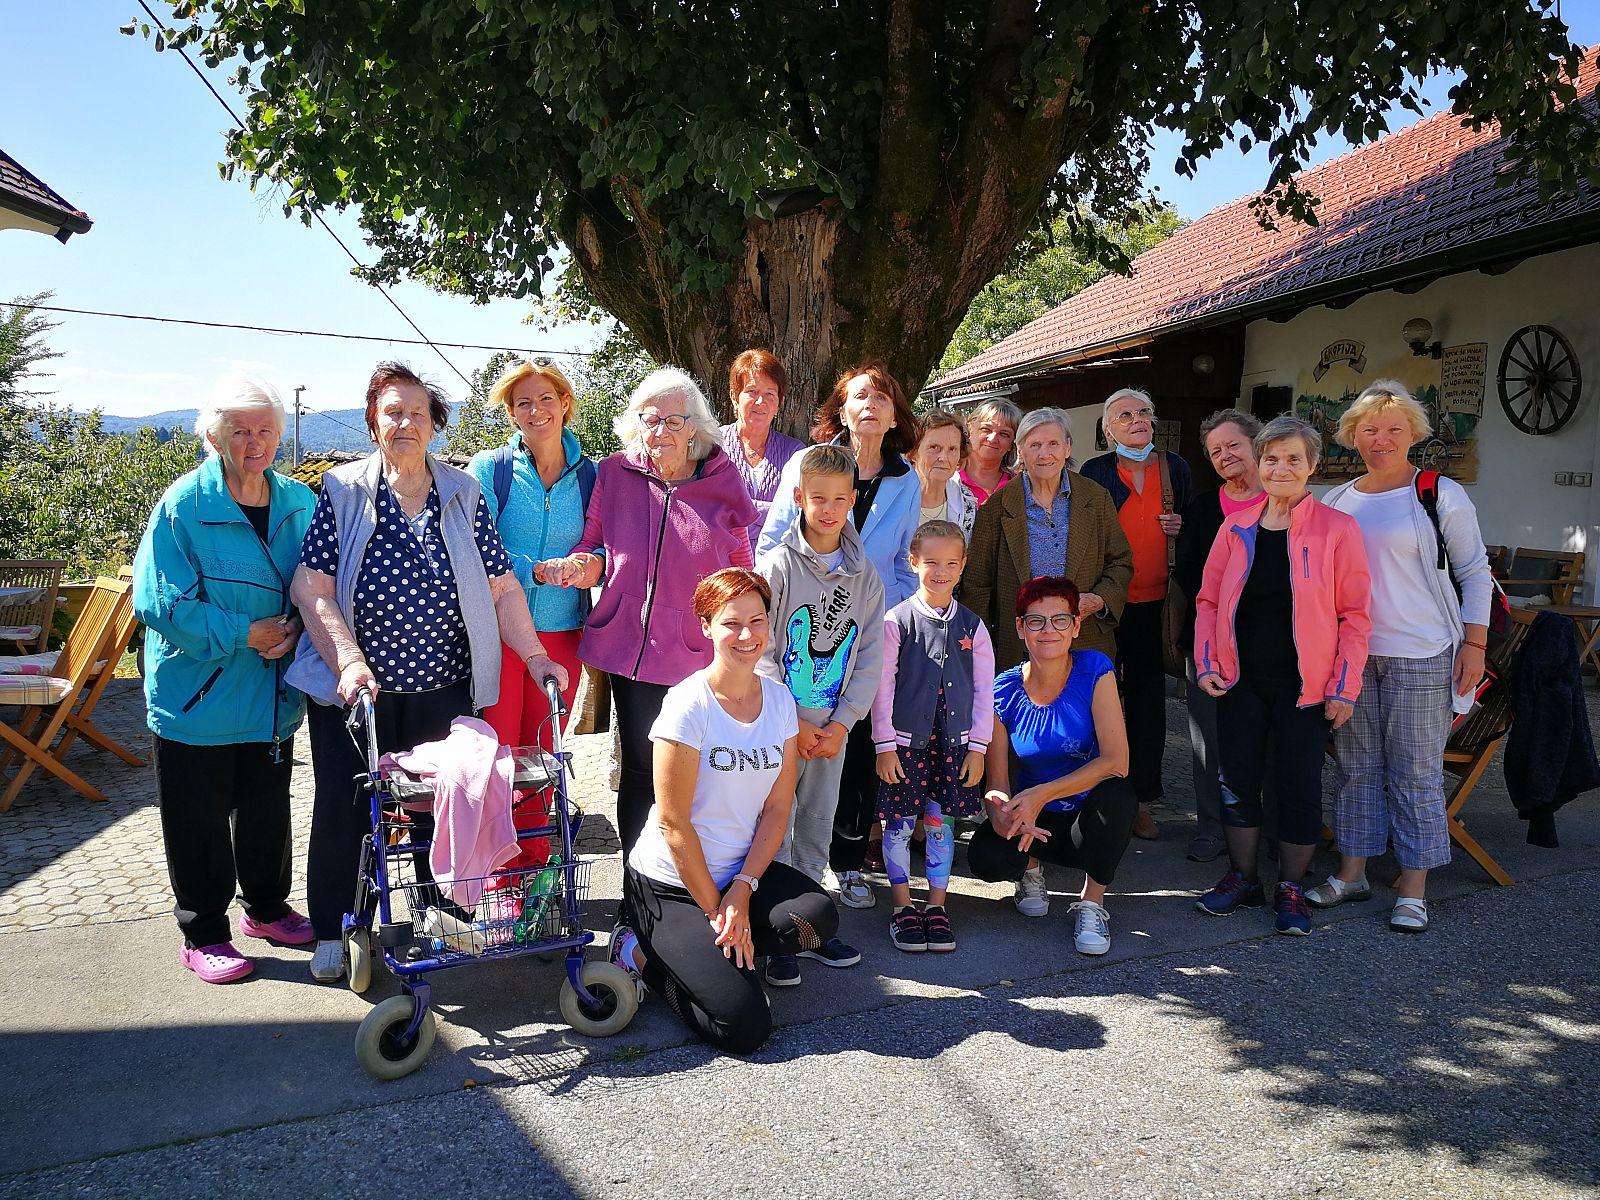 Izlet – Medgeneracijsko druženje stanovalcev z demenco in njihovih svojcev